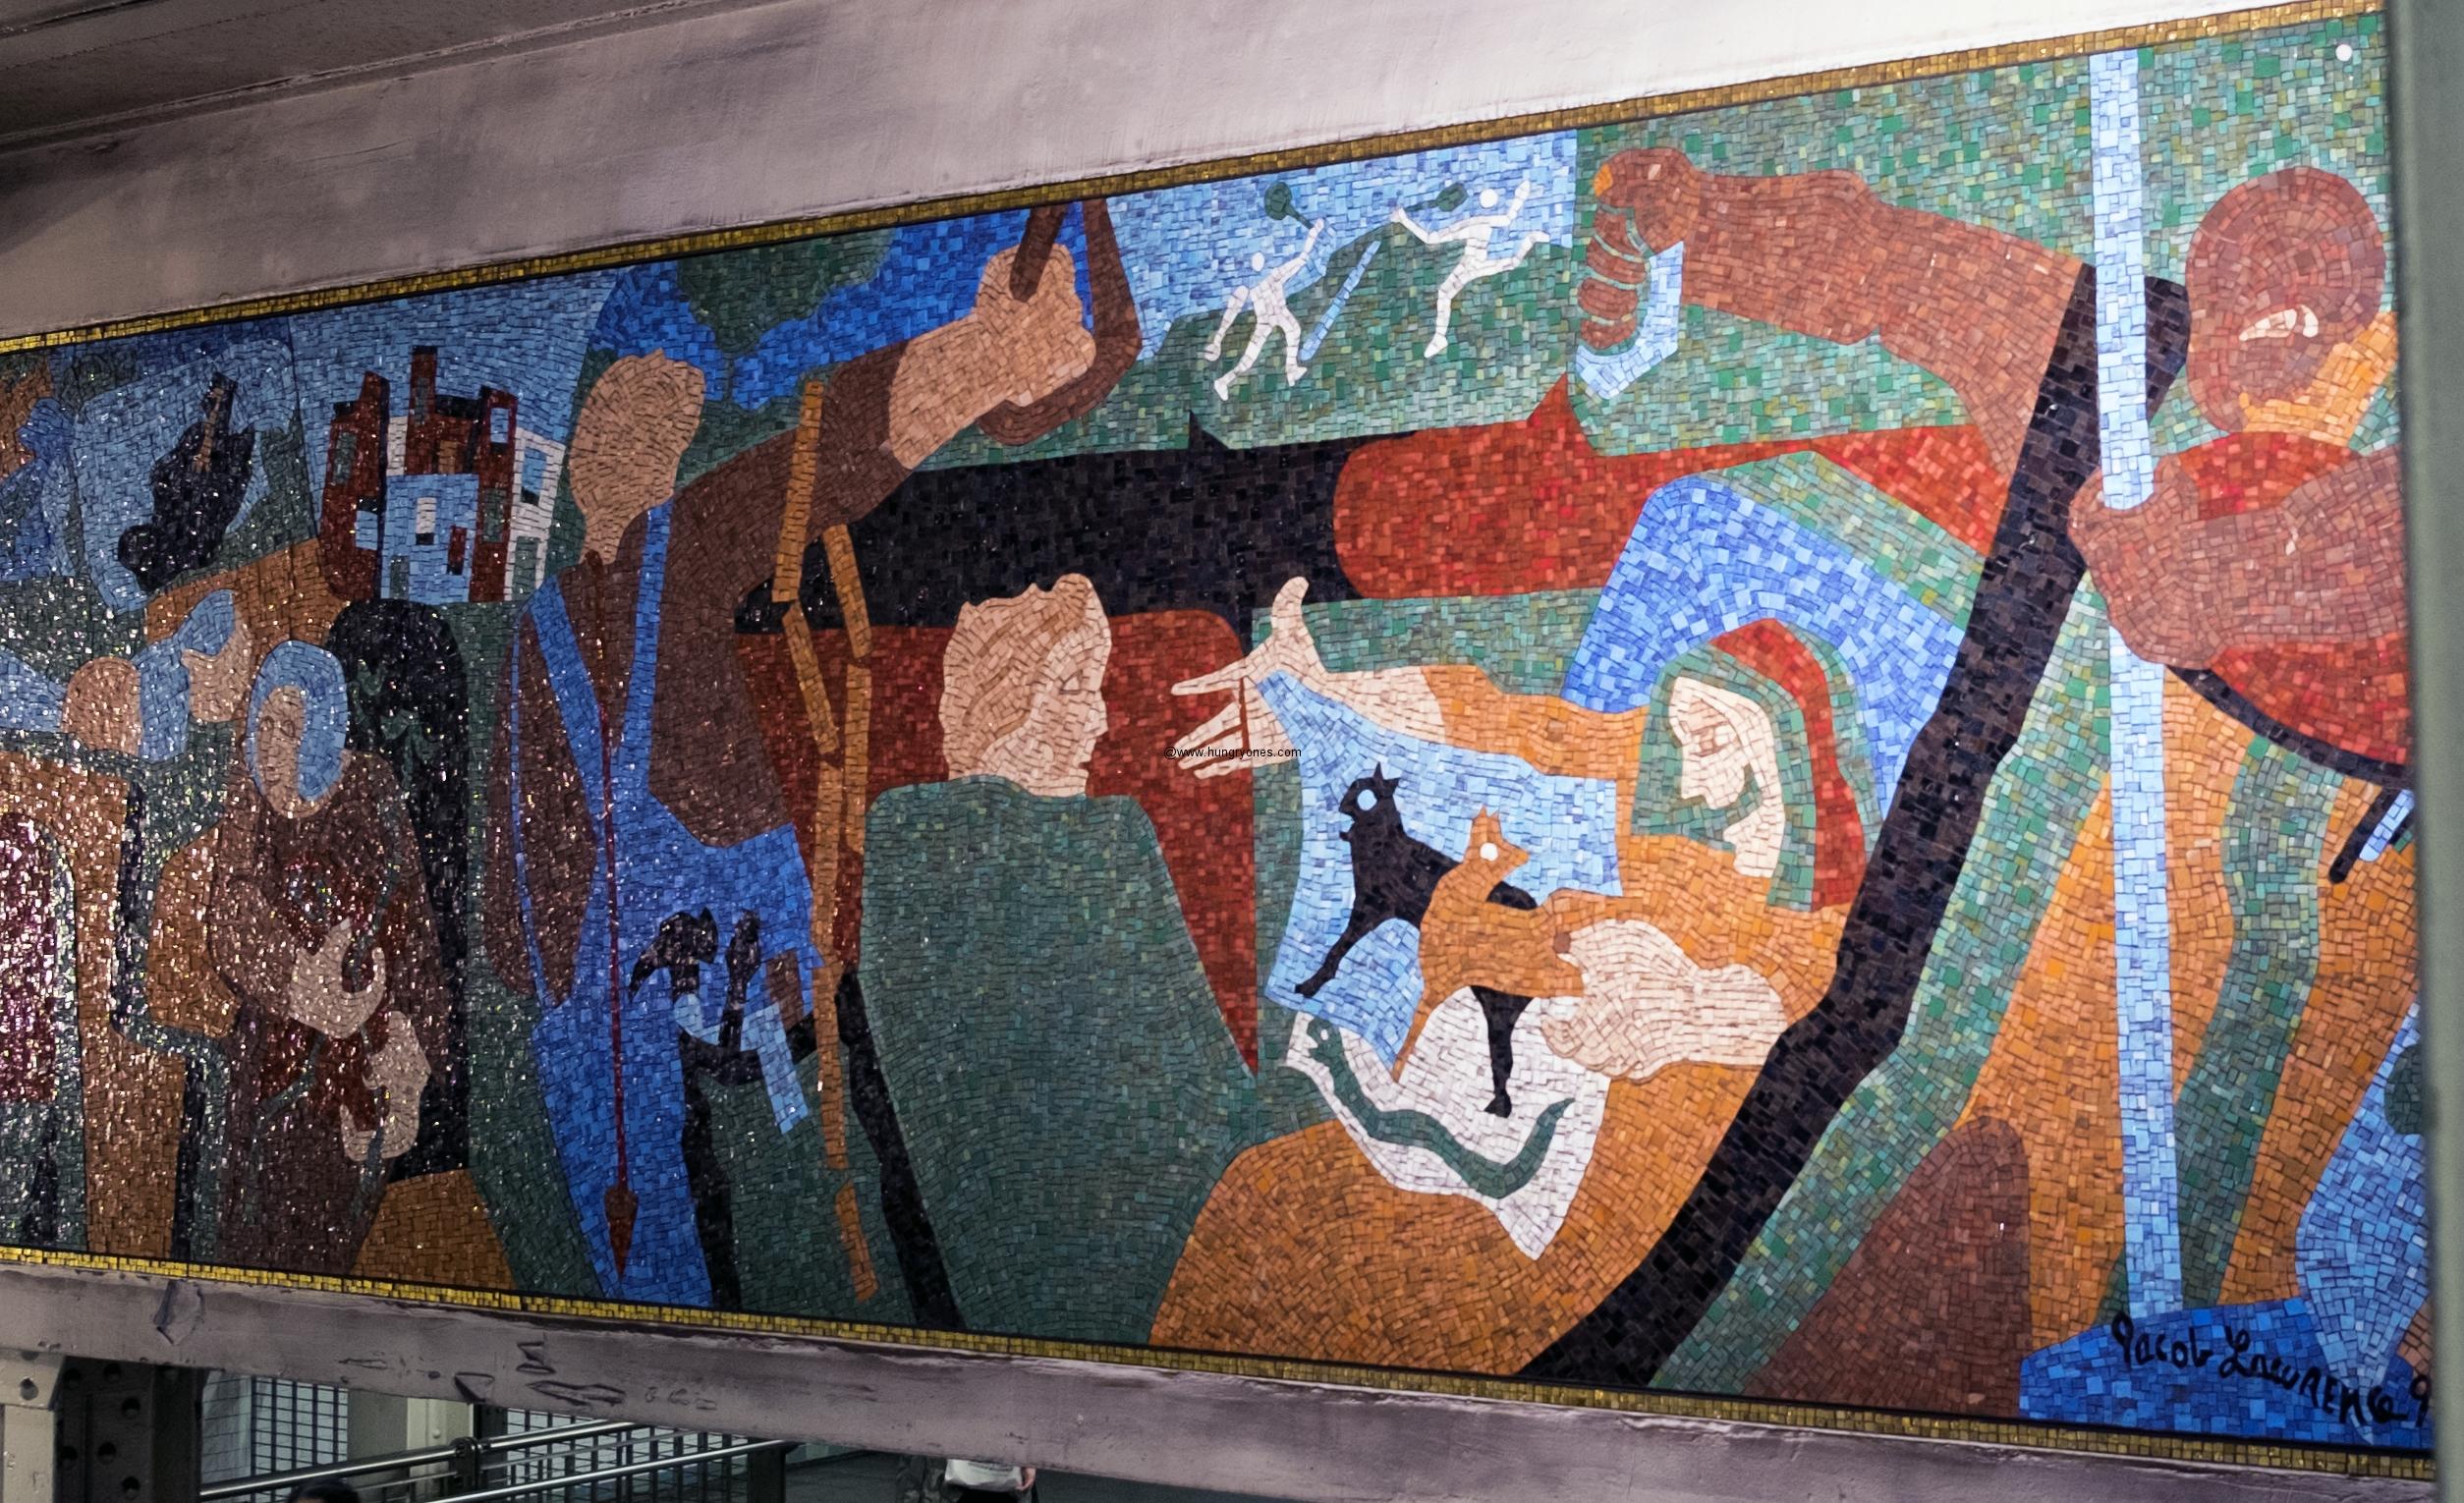 subway-new-york-city2384